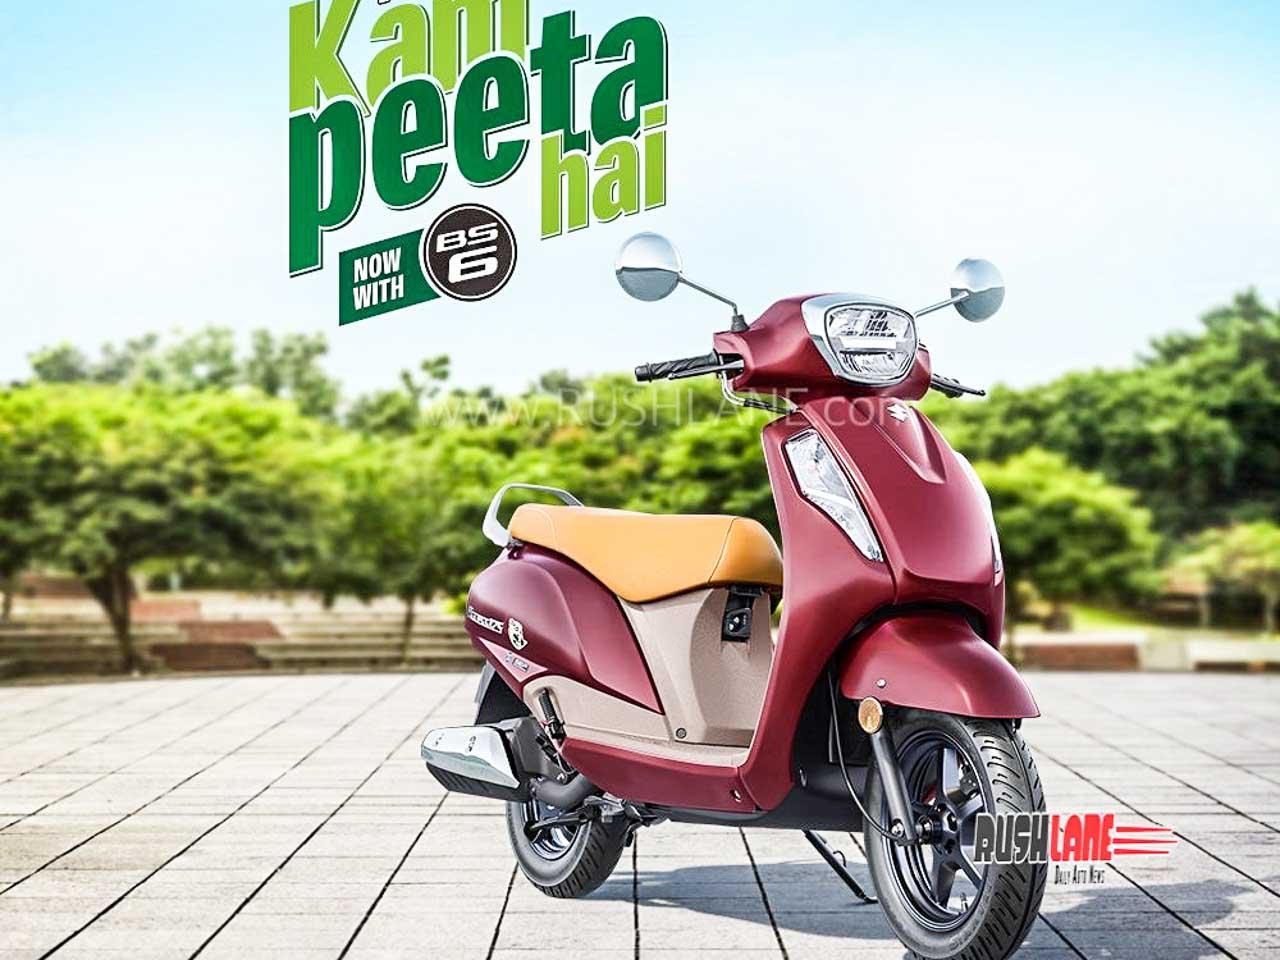 2020 Suzuki Access BS6 scooter